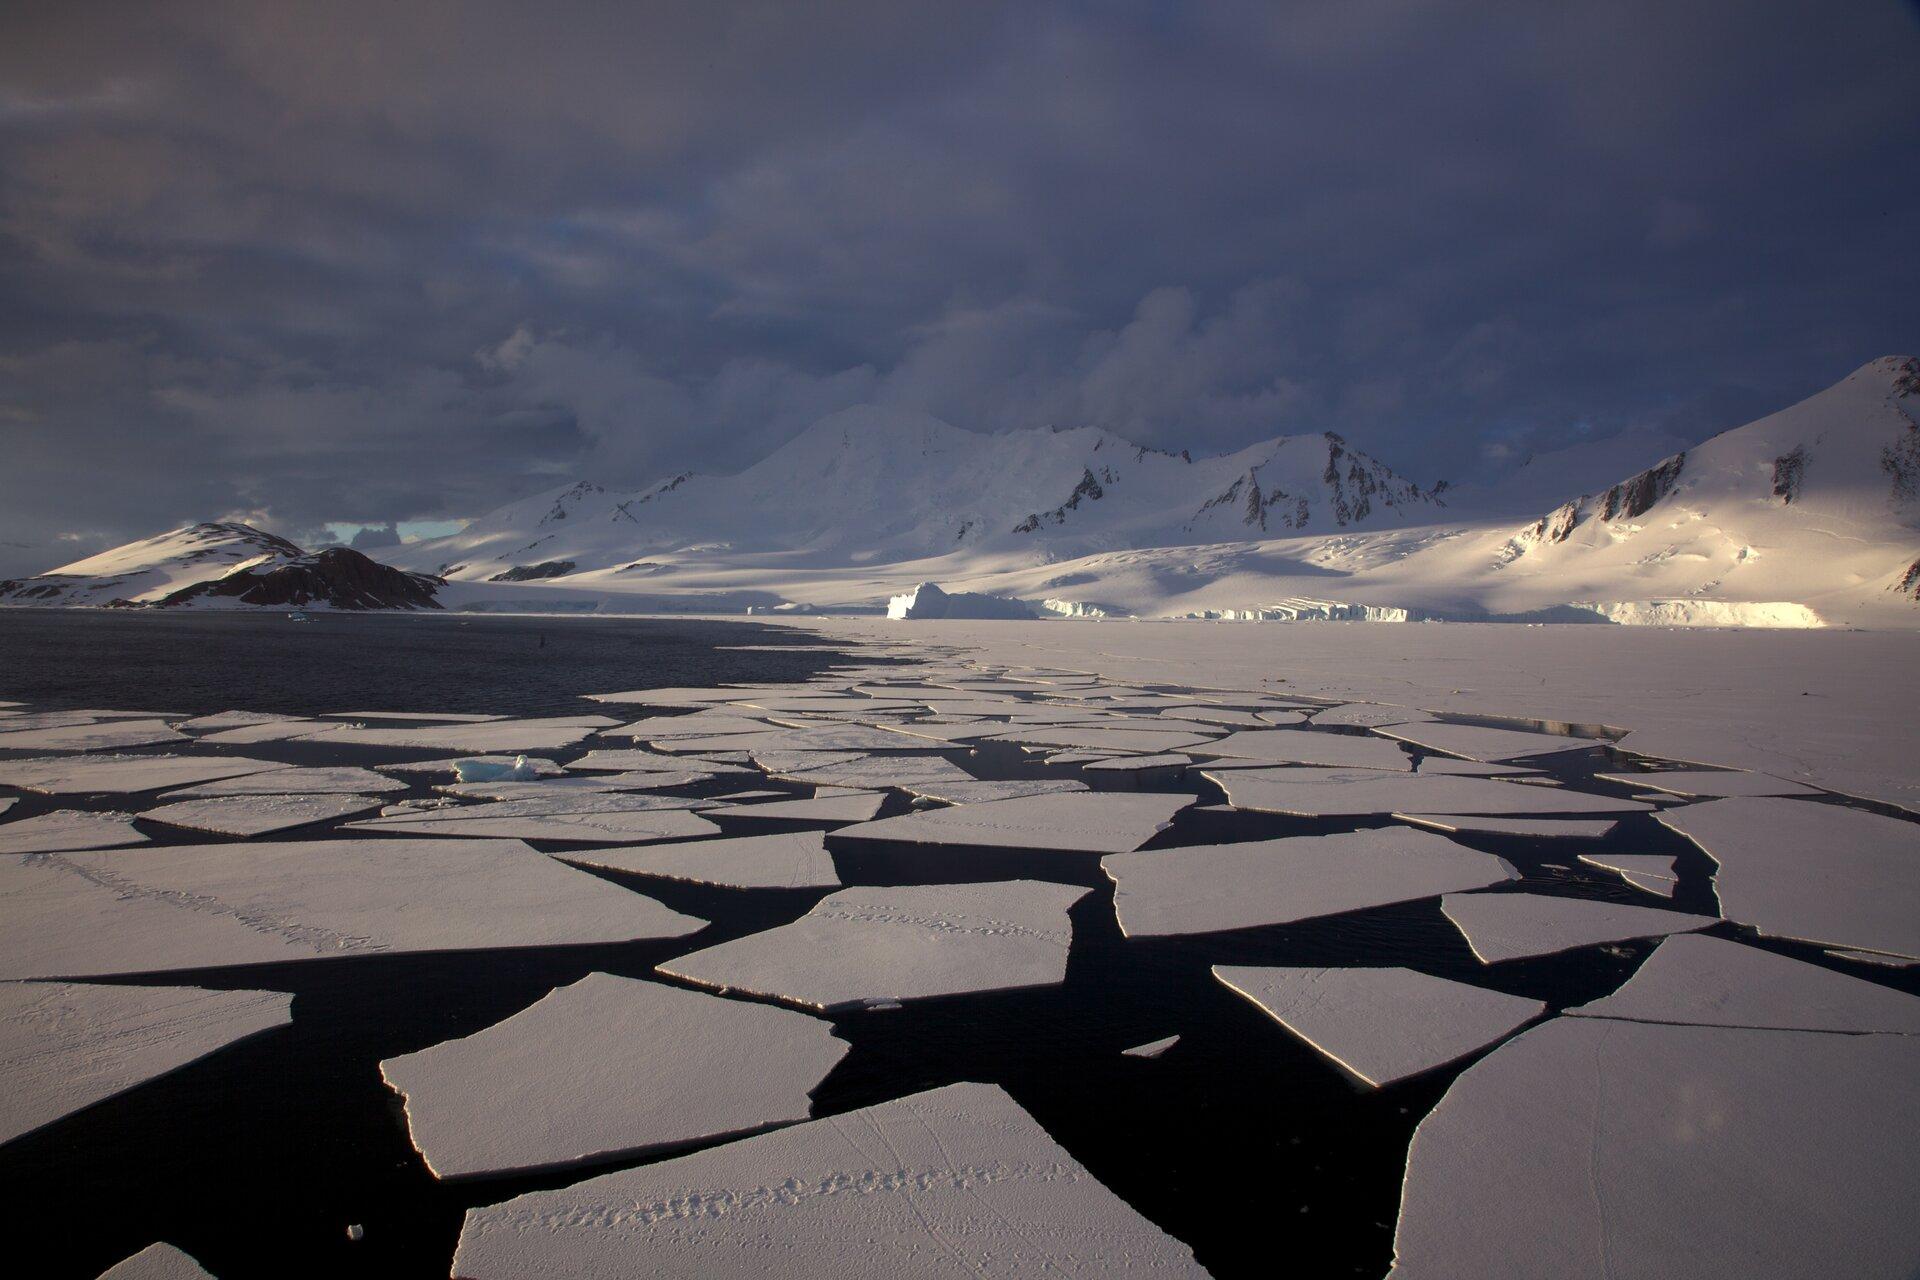 Zdjęcie przedstawia krajobraz podbiegunowy. Daleko wtle spowite wcieniu ośnieżone wzgórza izachmurzone niebo, plan bliższy oświetlony przez promienie Słońca. Na pierwszym planie równy ośnieżony teren przechodzi wduże fragmenty kry lodowej unoszącej się na powierzchni spokojnego morza. Na krze widać tropy zwierząt, co pozwala ocenić powierzchnię pojedynczych kawałków na kilka metrów kwadratowych.